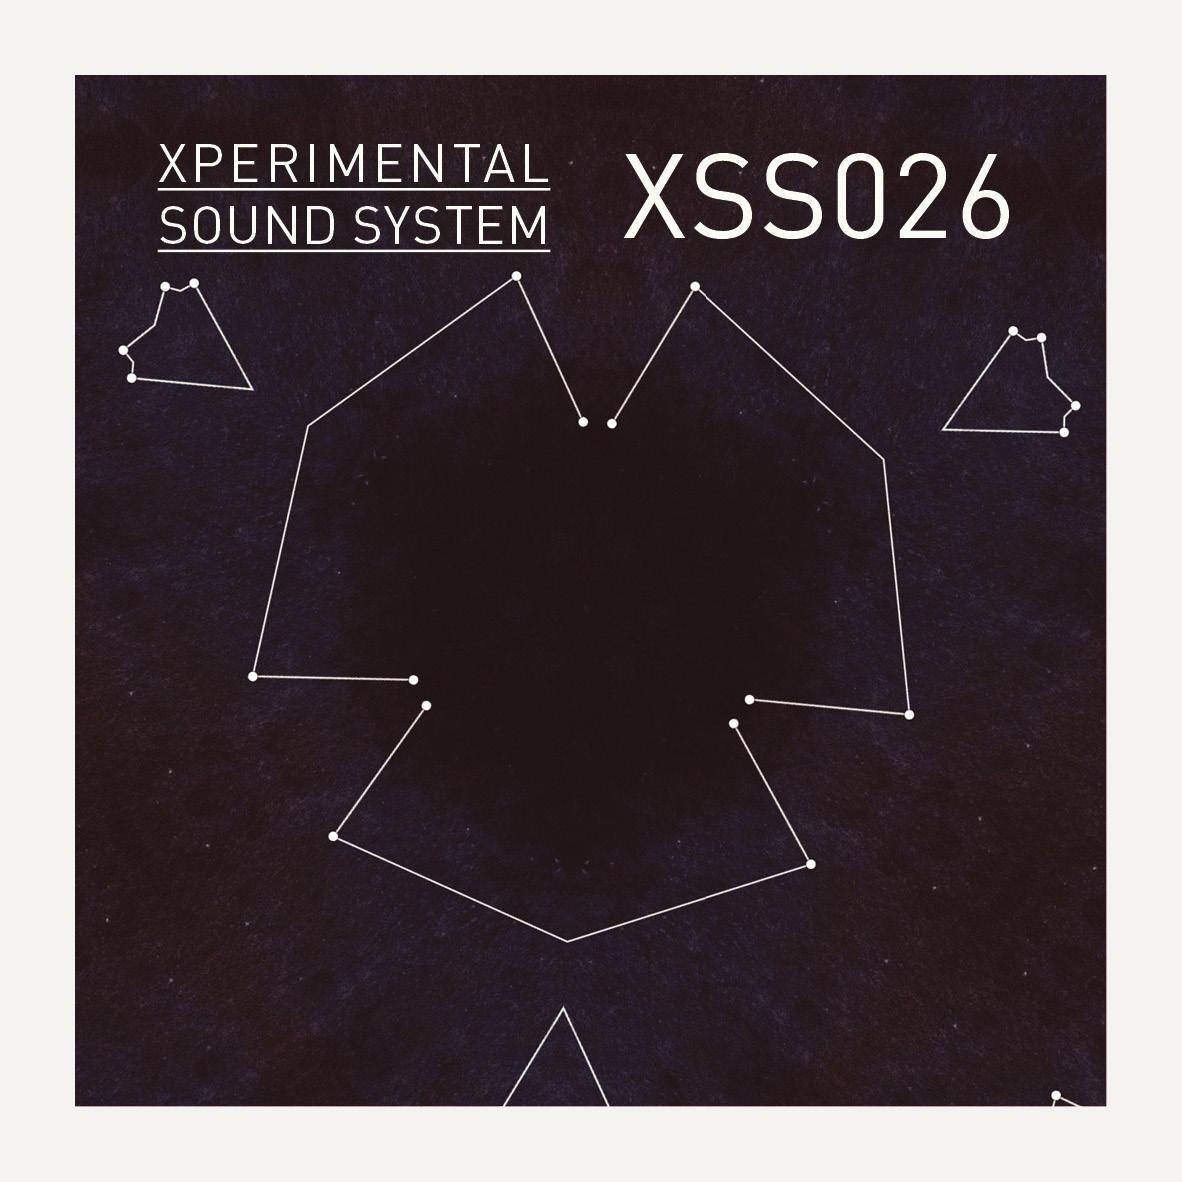 XSS026